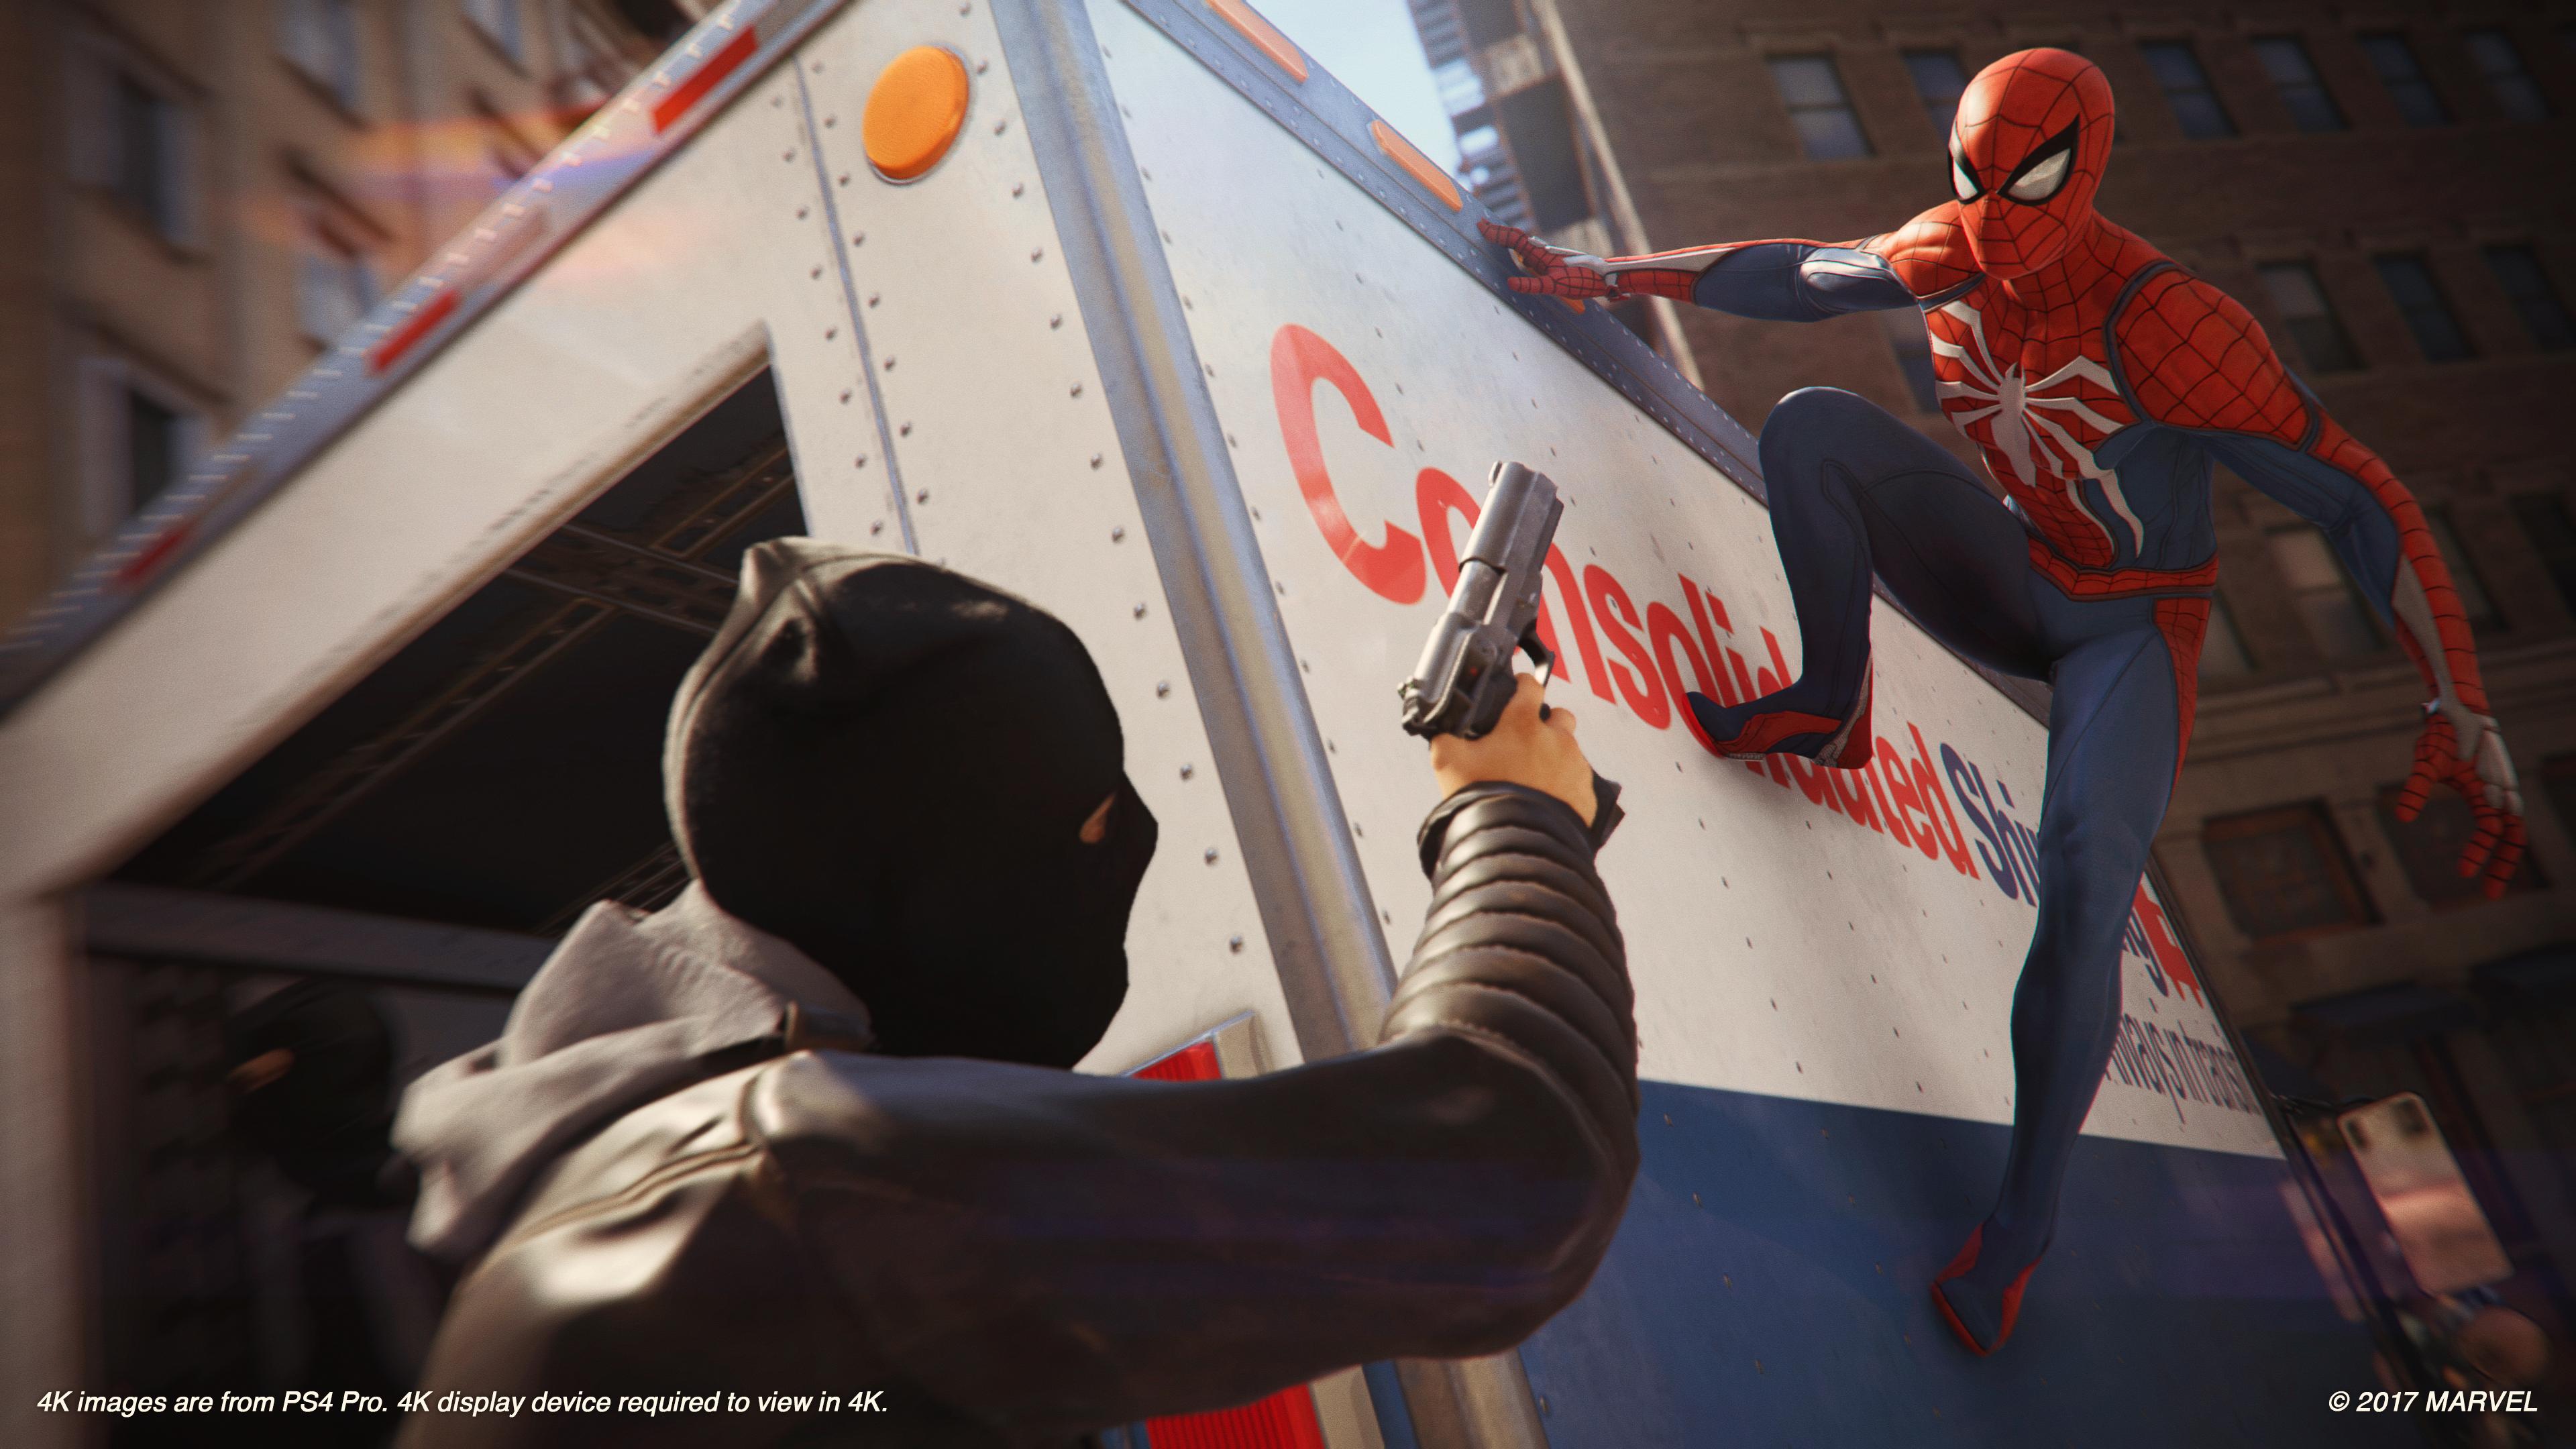 Spider-Man – Limitierte PlayStation 4 Pro-Design angekündigt ...